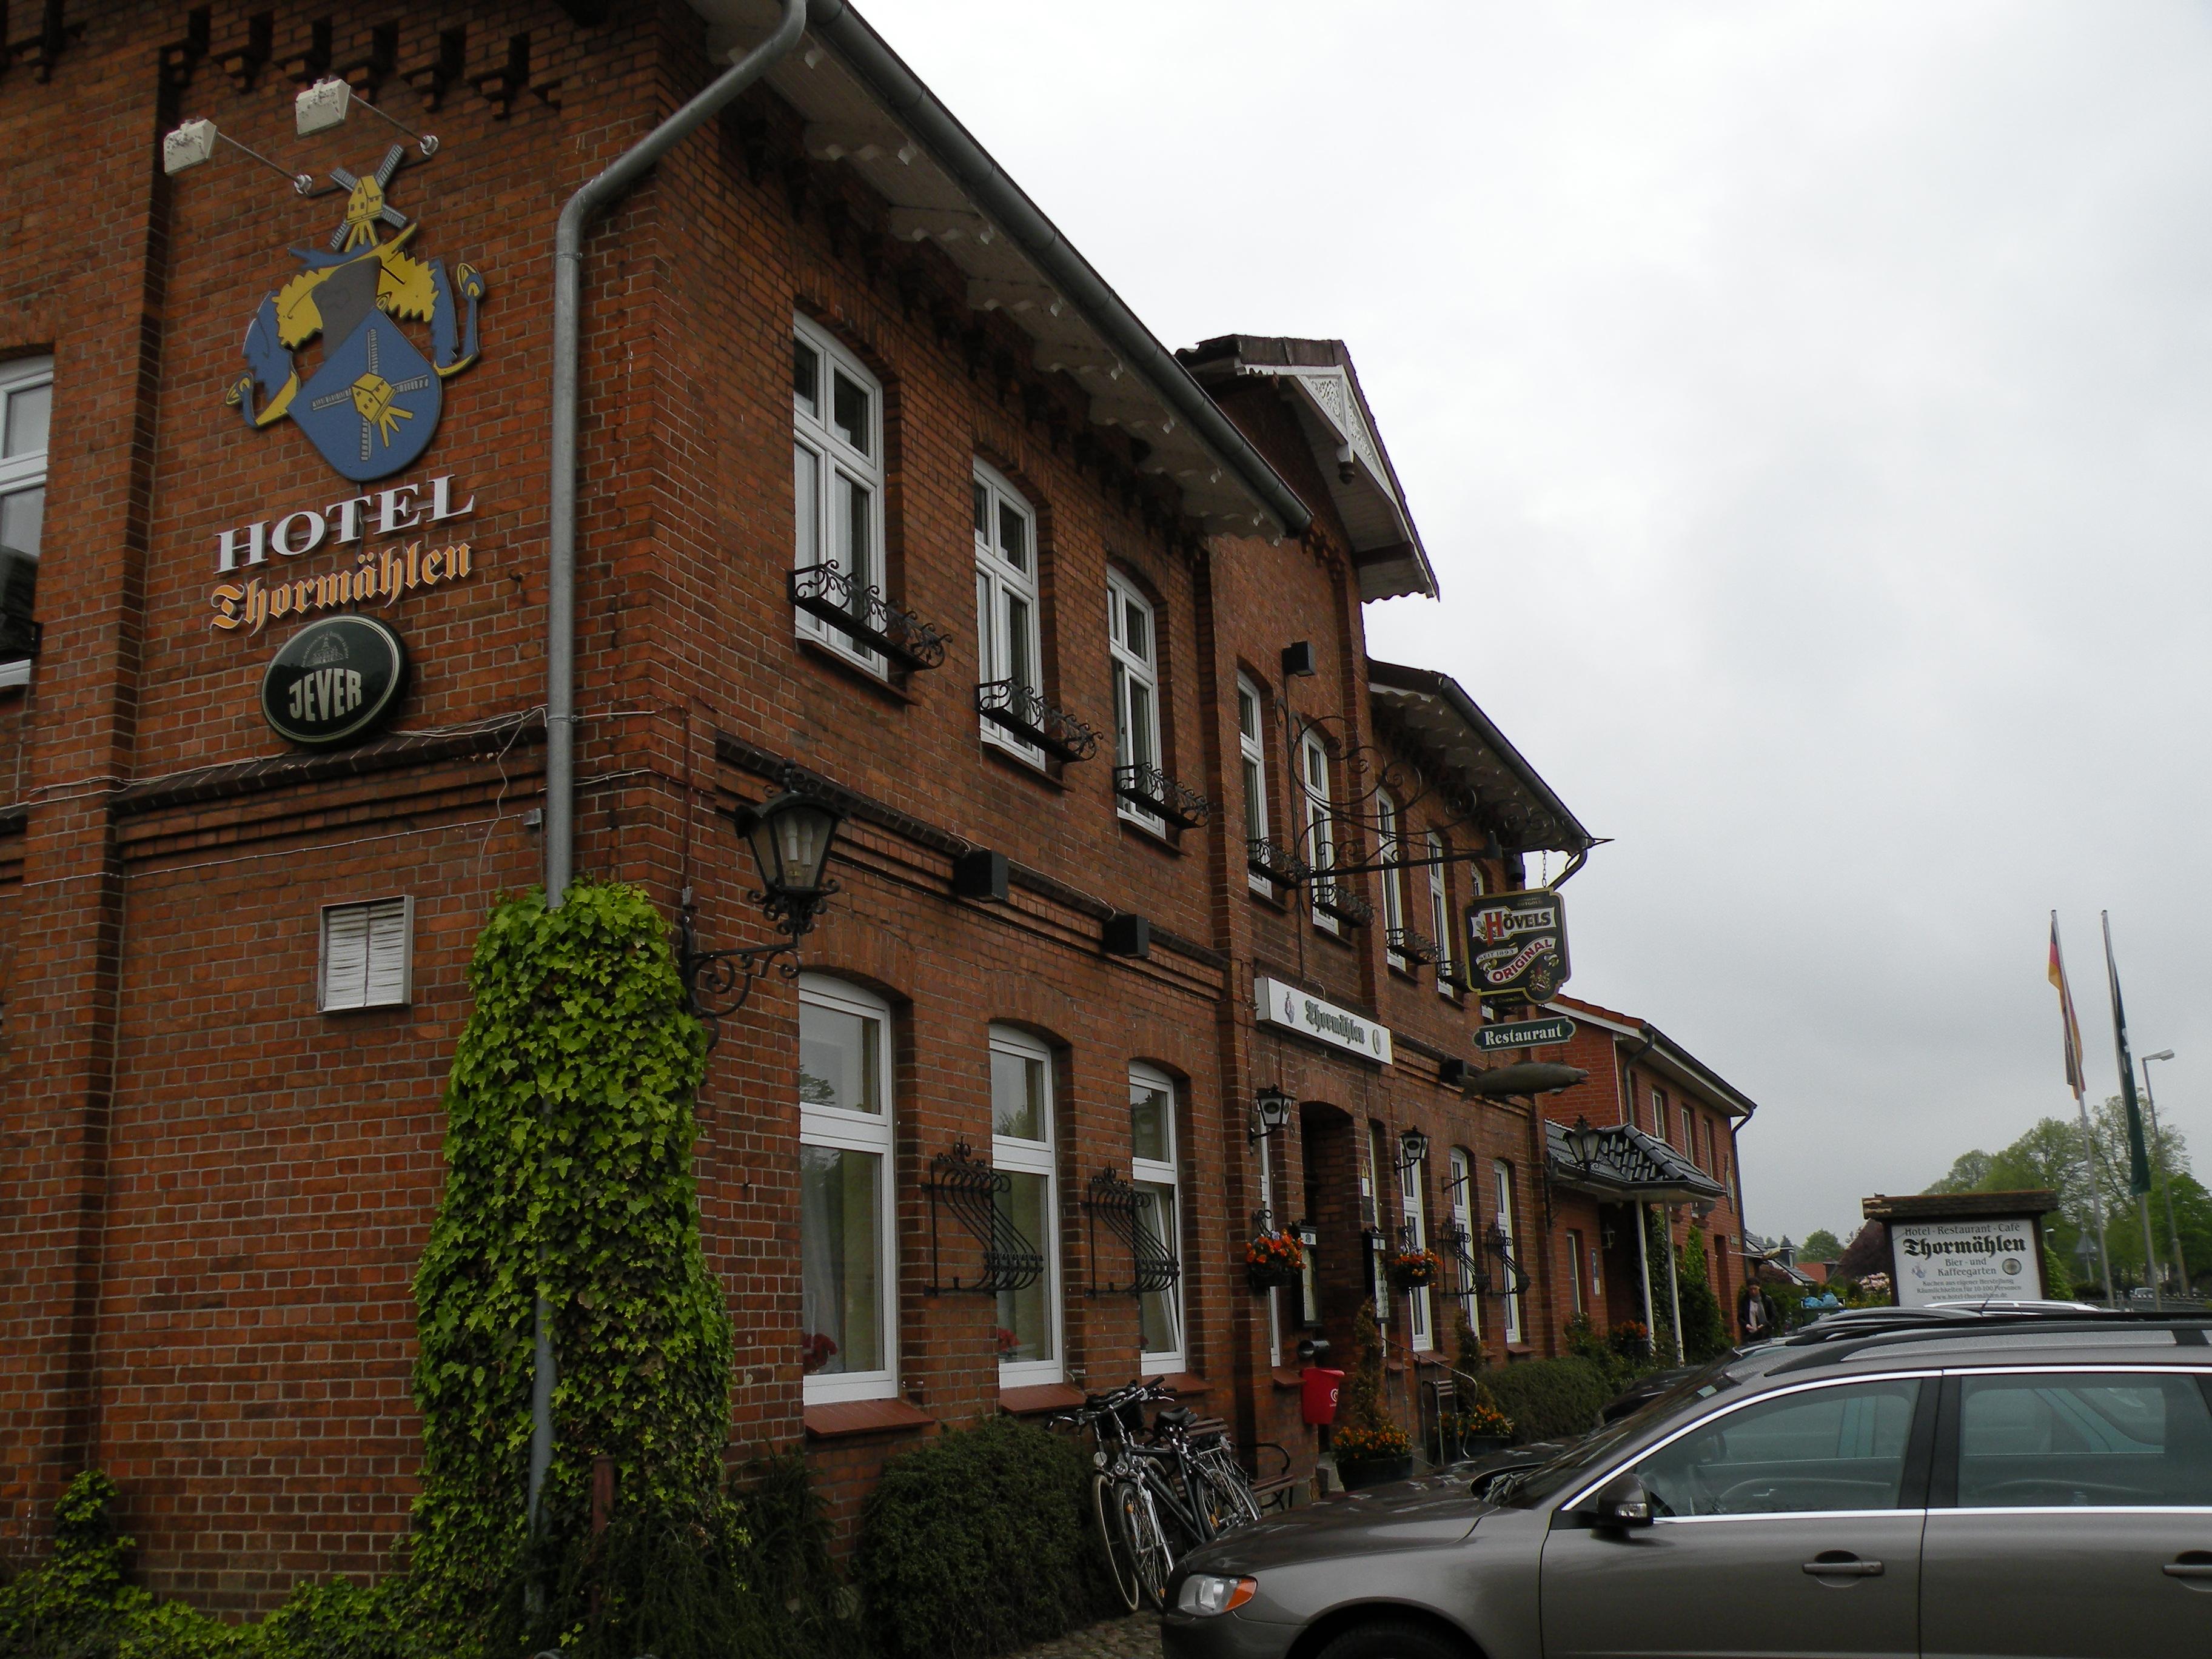 Hotel-Restaurant Thormahlen